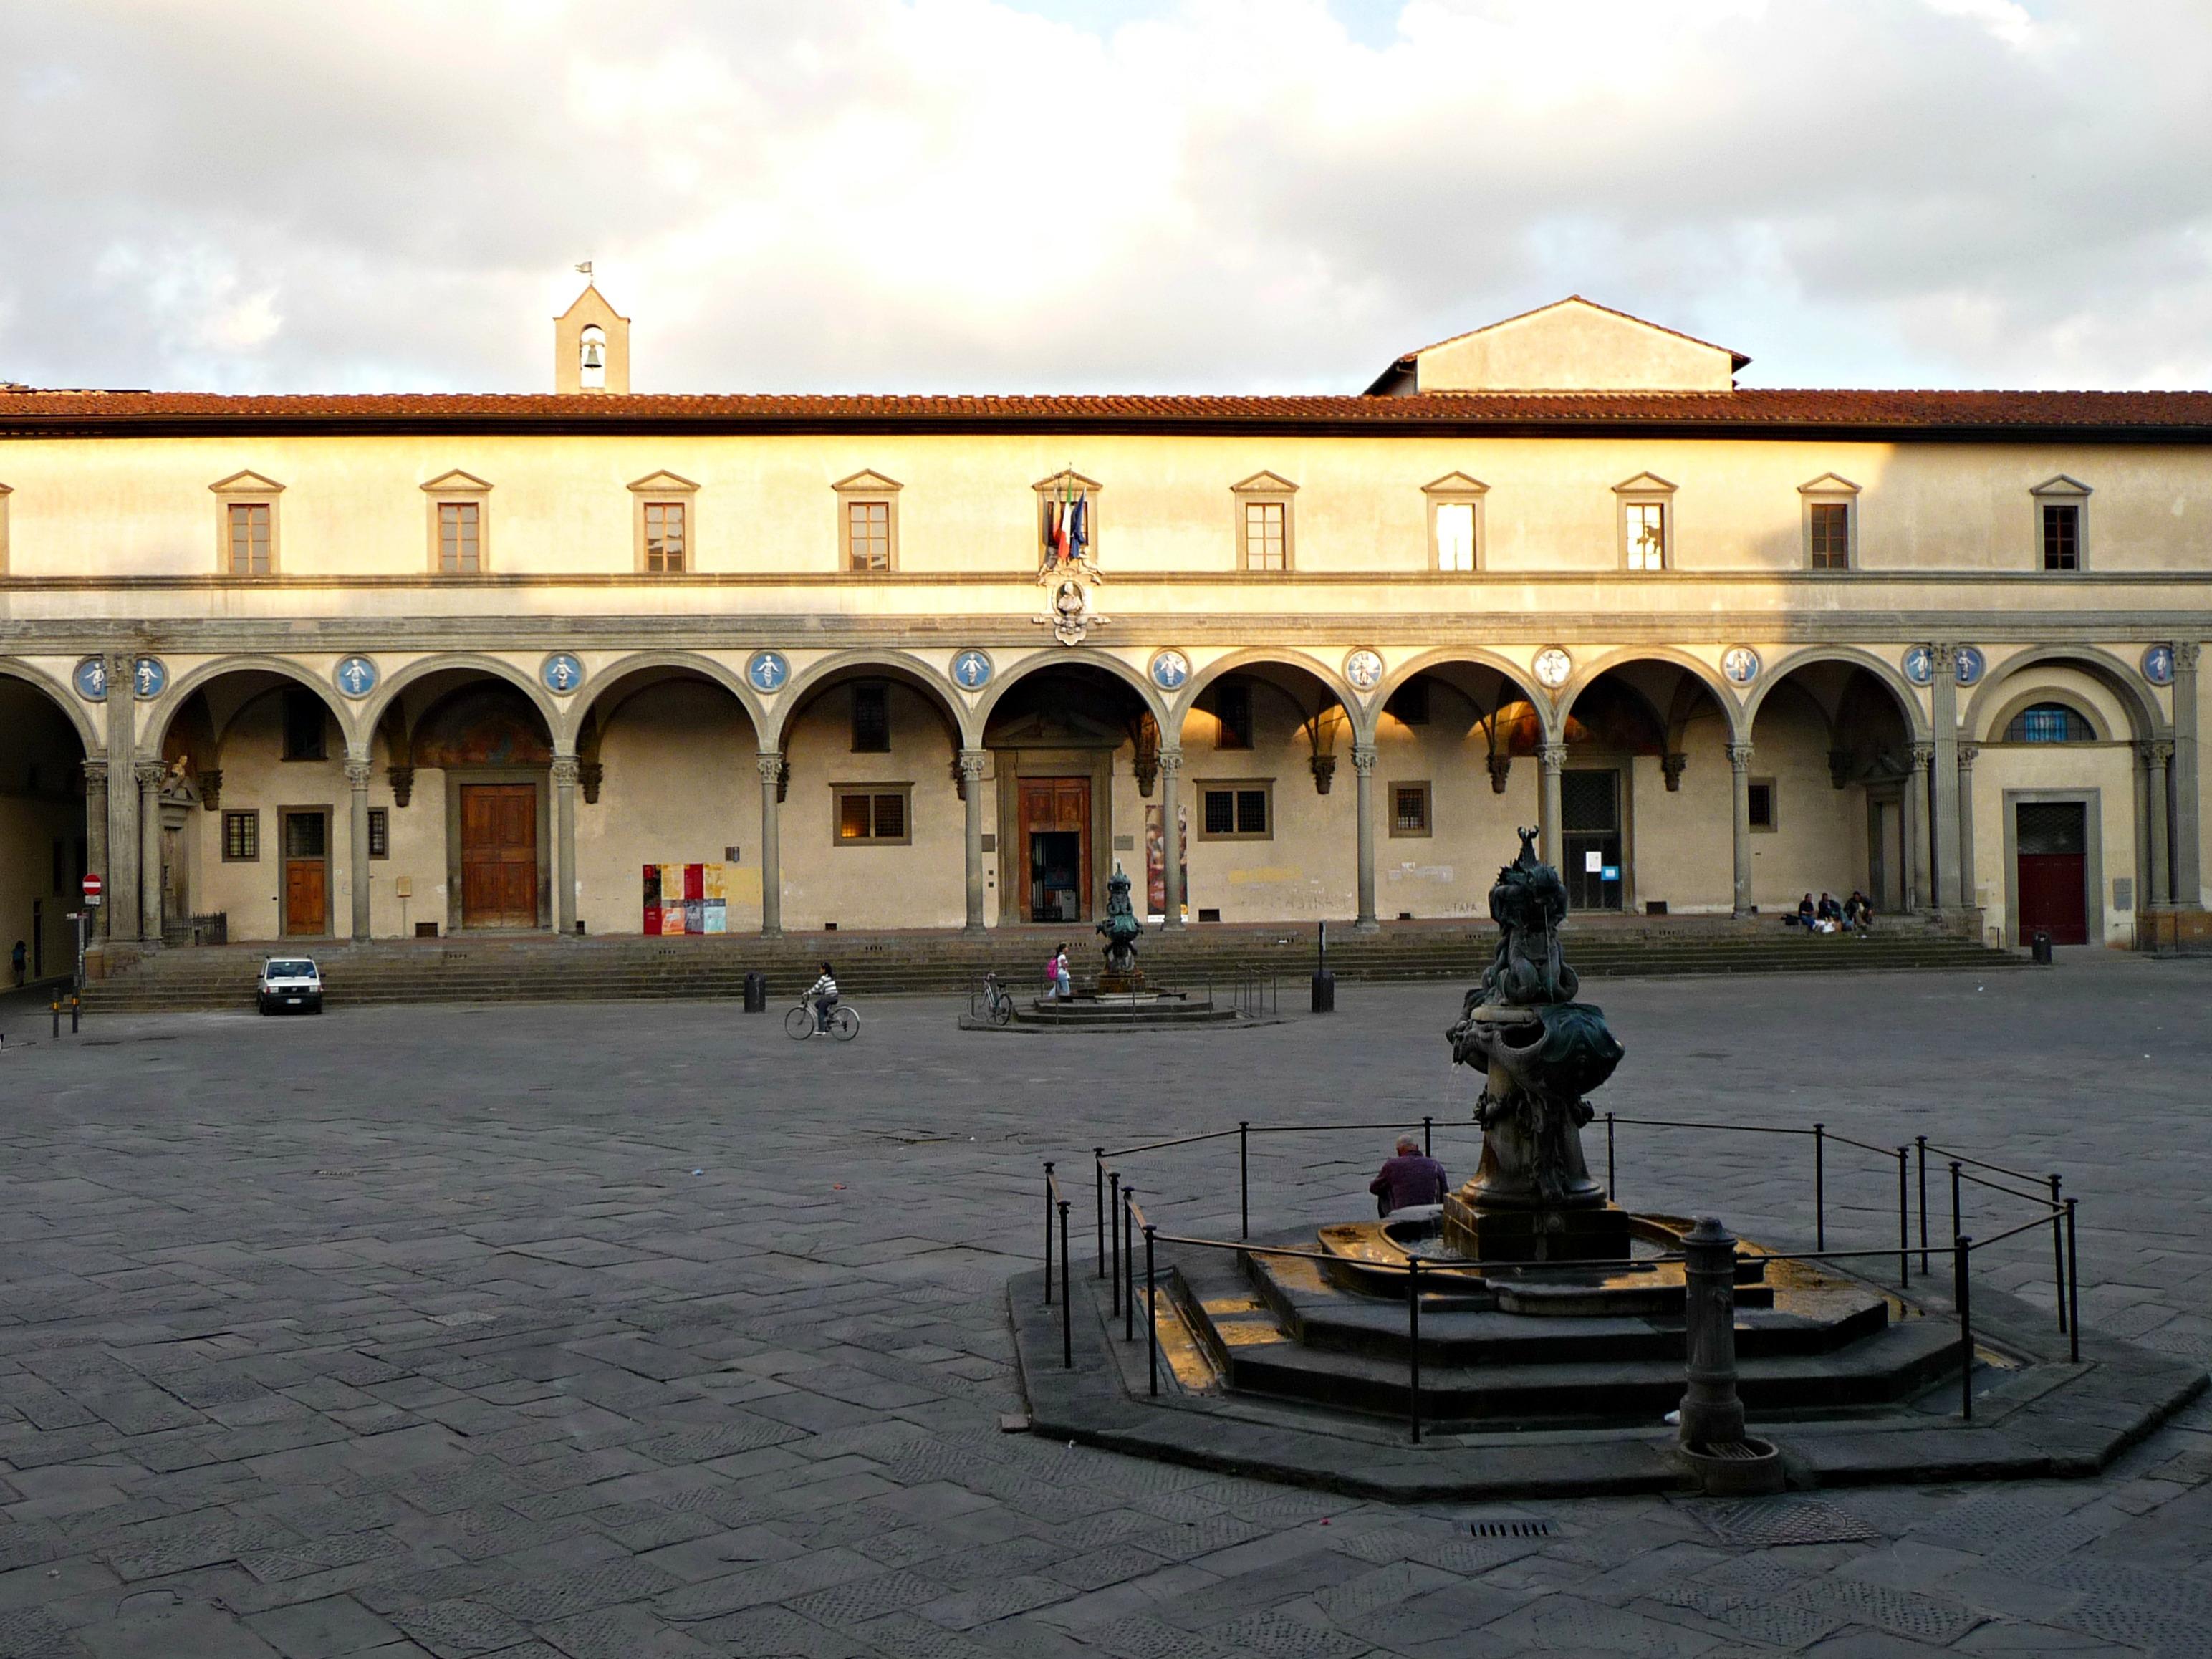 Museo degli Innocenti, sei secoli d'impegno nella tutela dei bambini